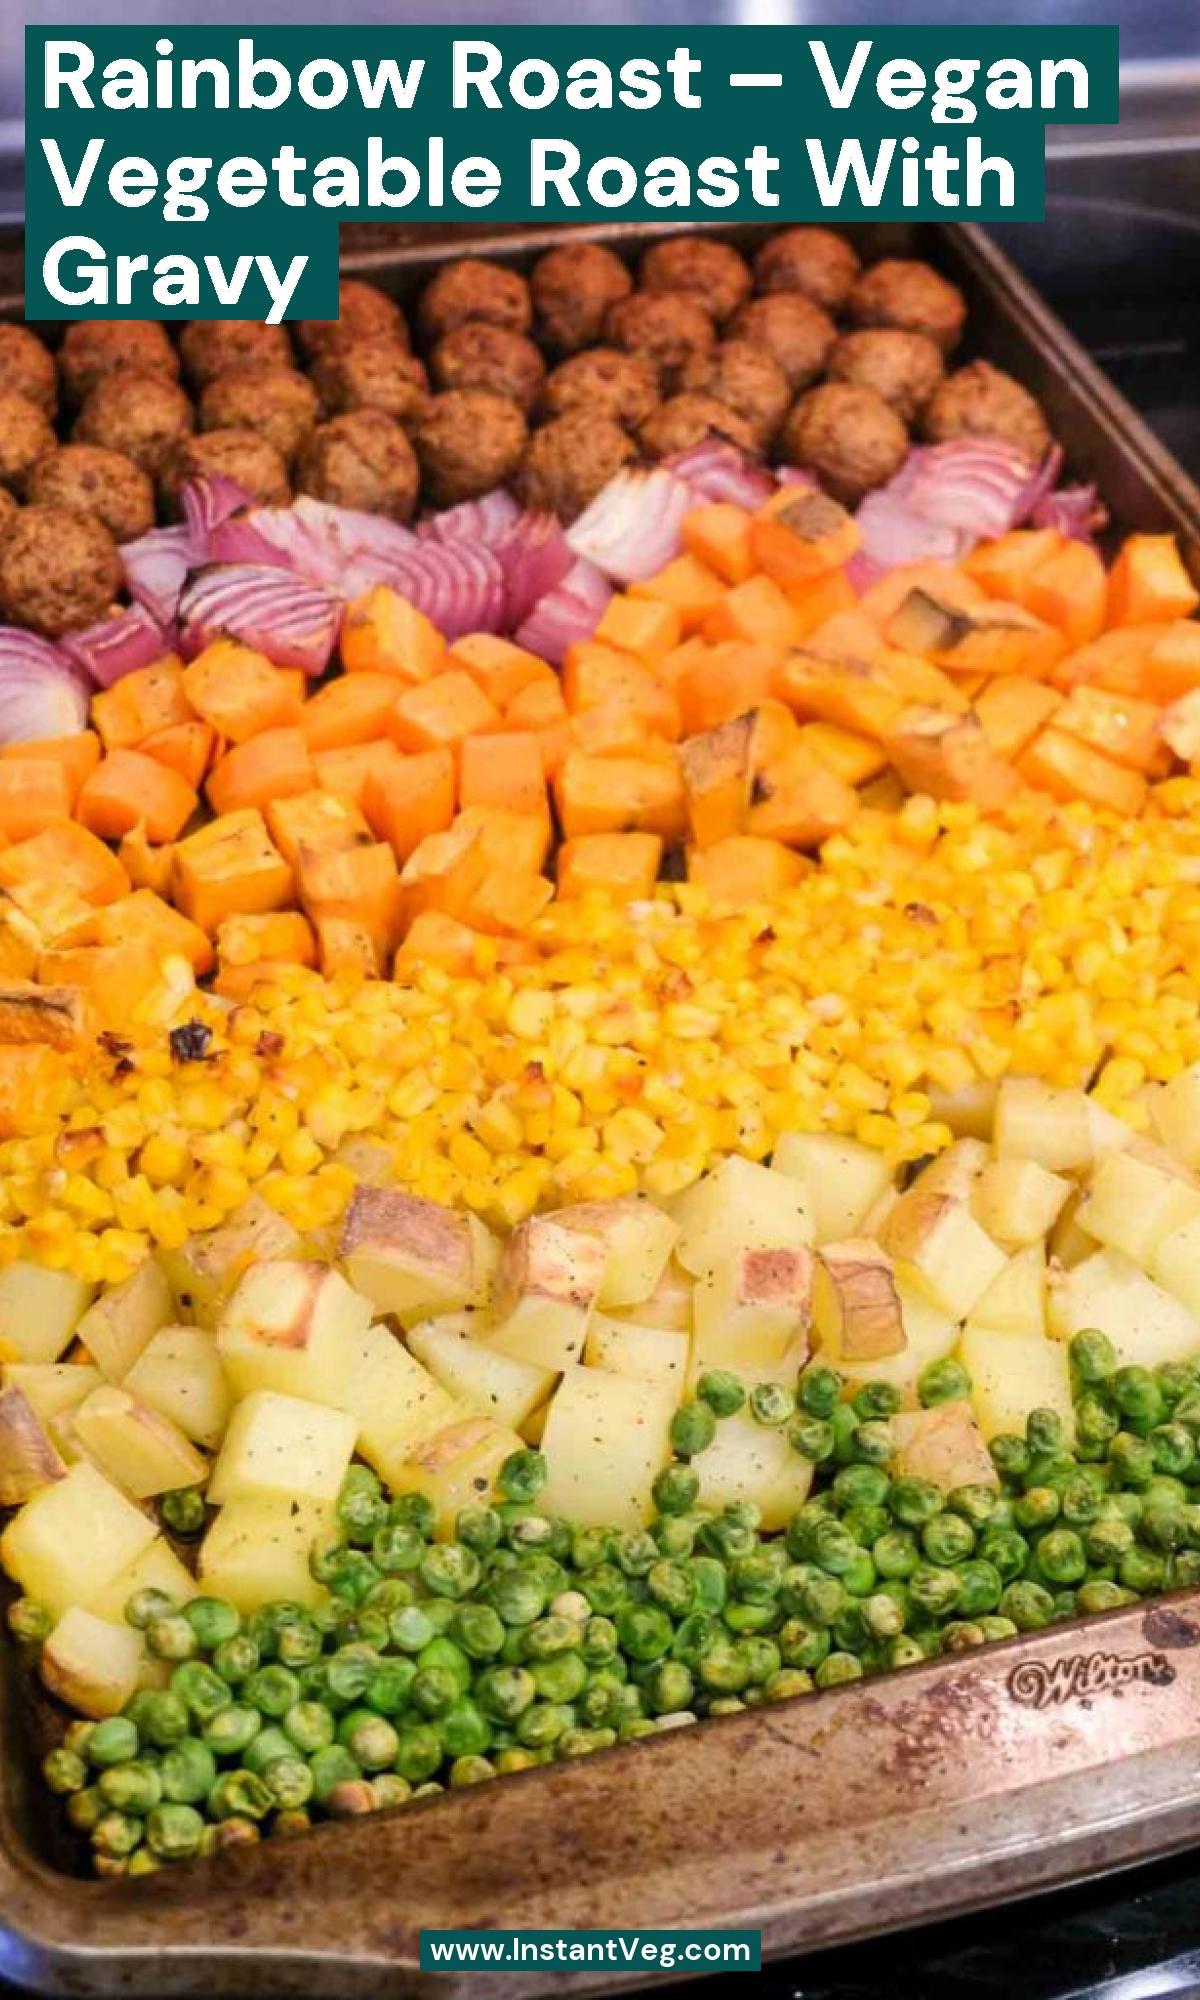 Rainbow Roast – Vegan Vegetable Roast with Gravy